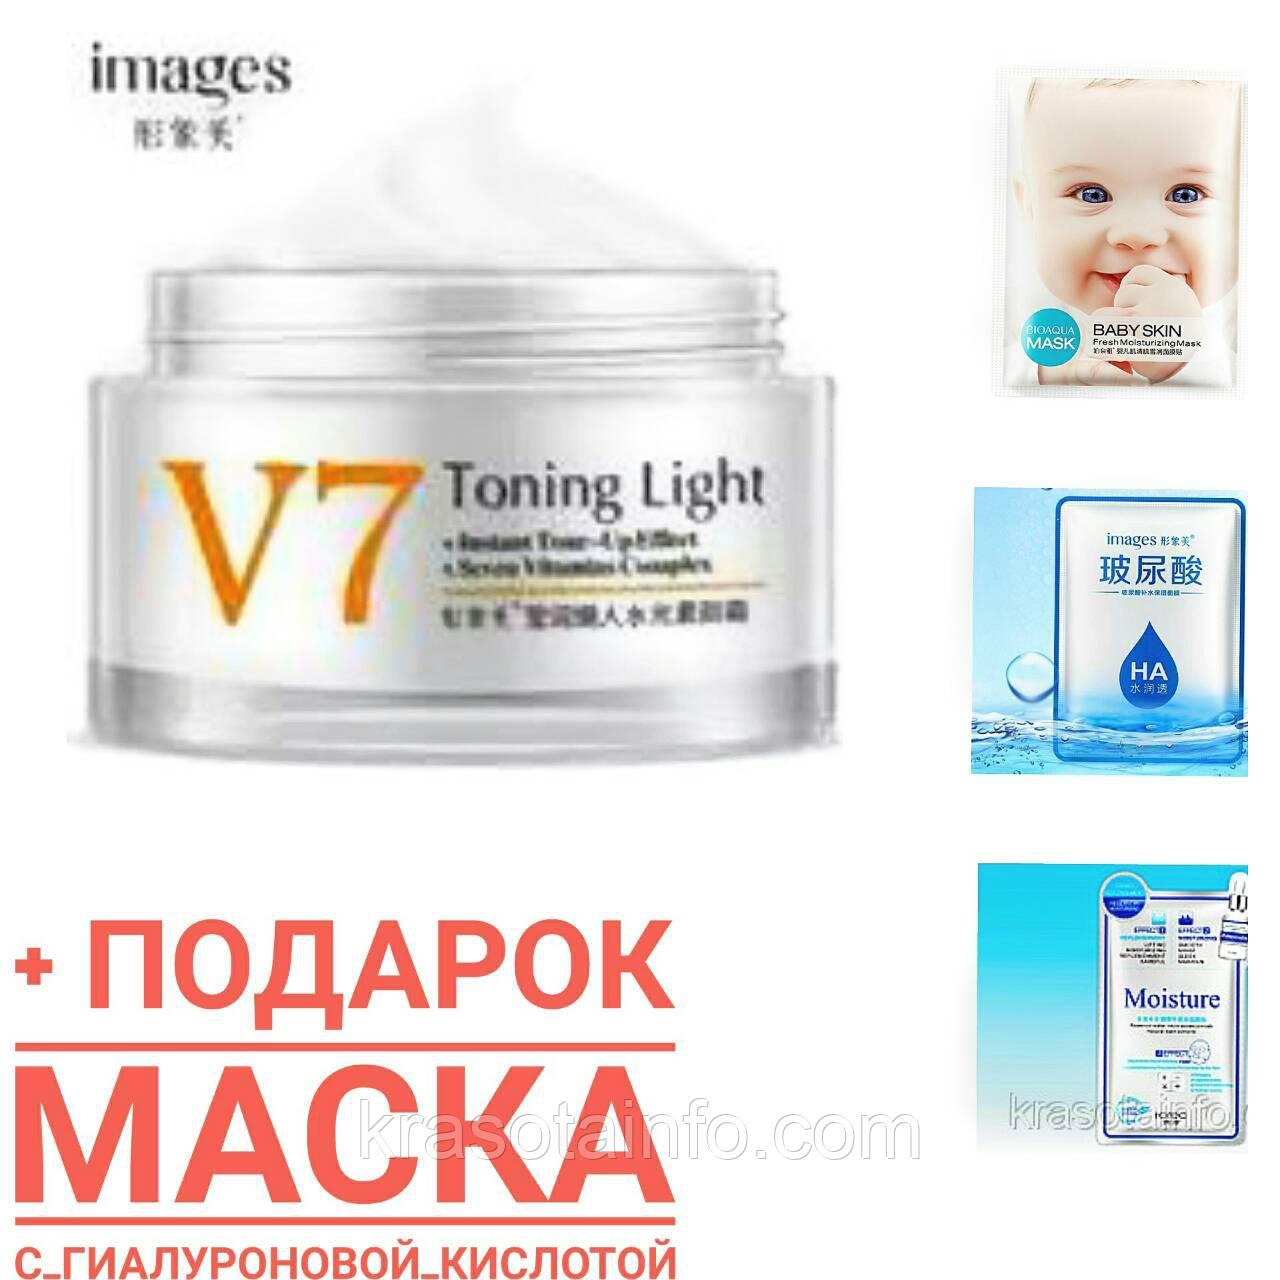 Крем V7 с витаминами, гиалуроновой кислотой -Toning Light Images50g